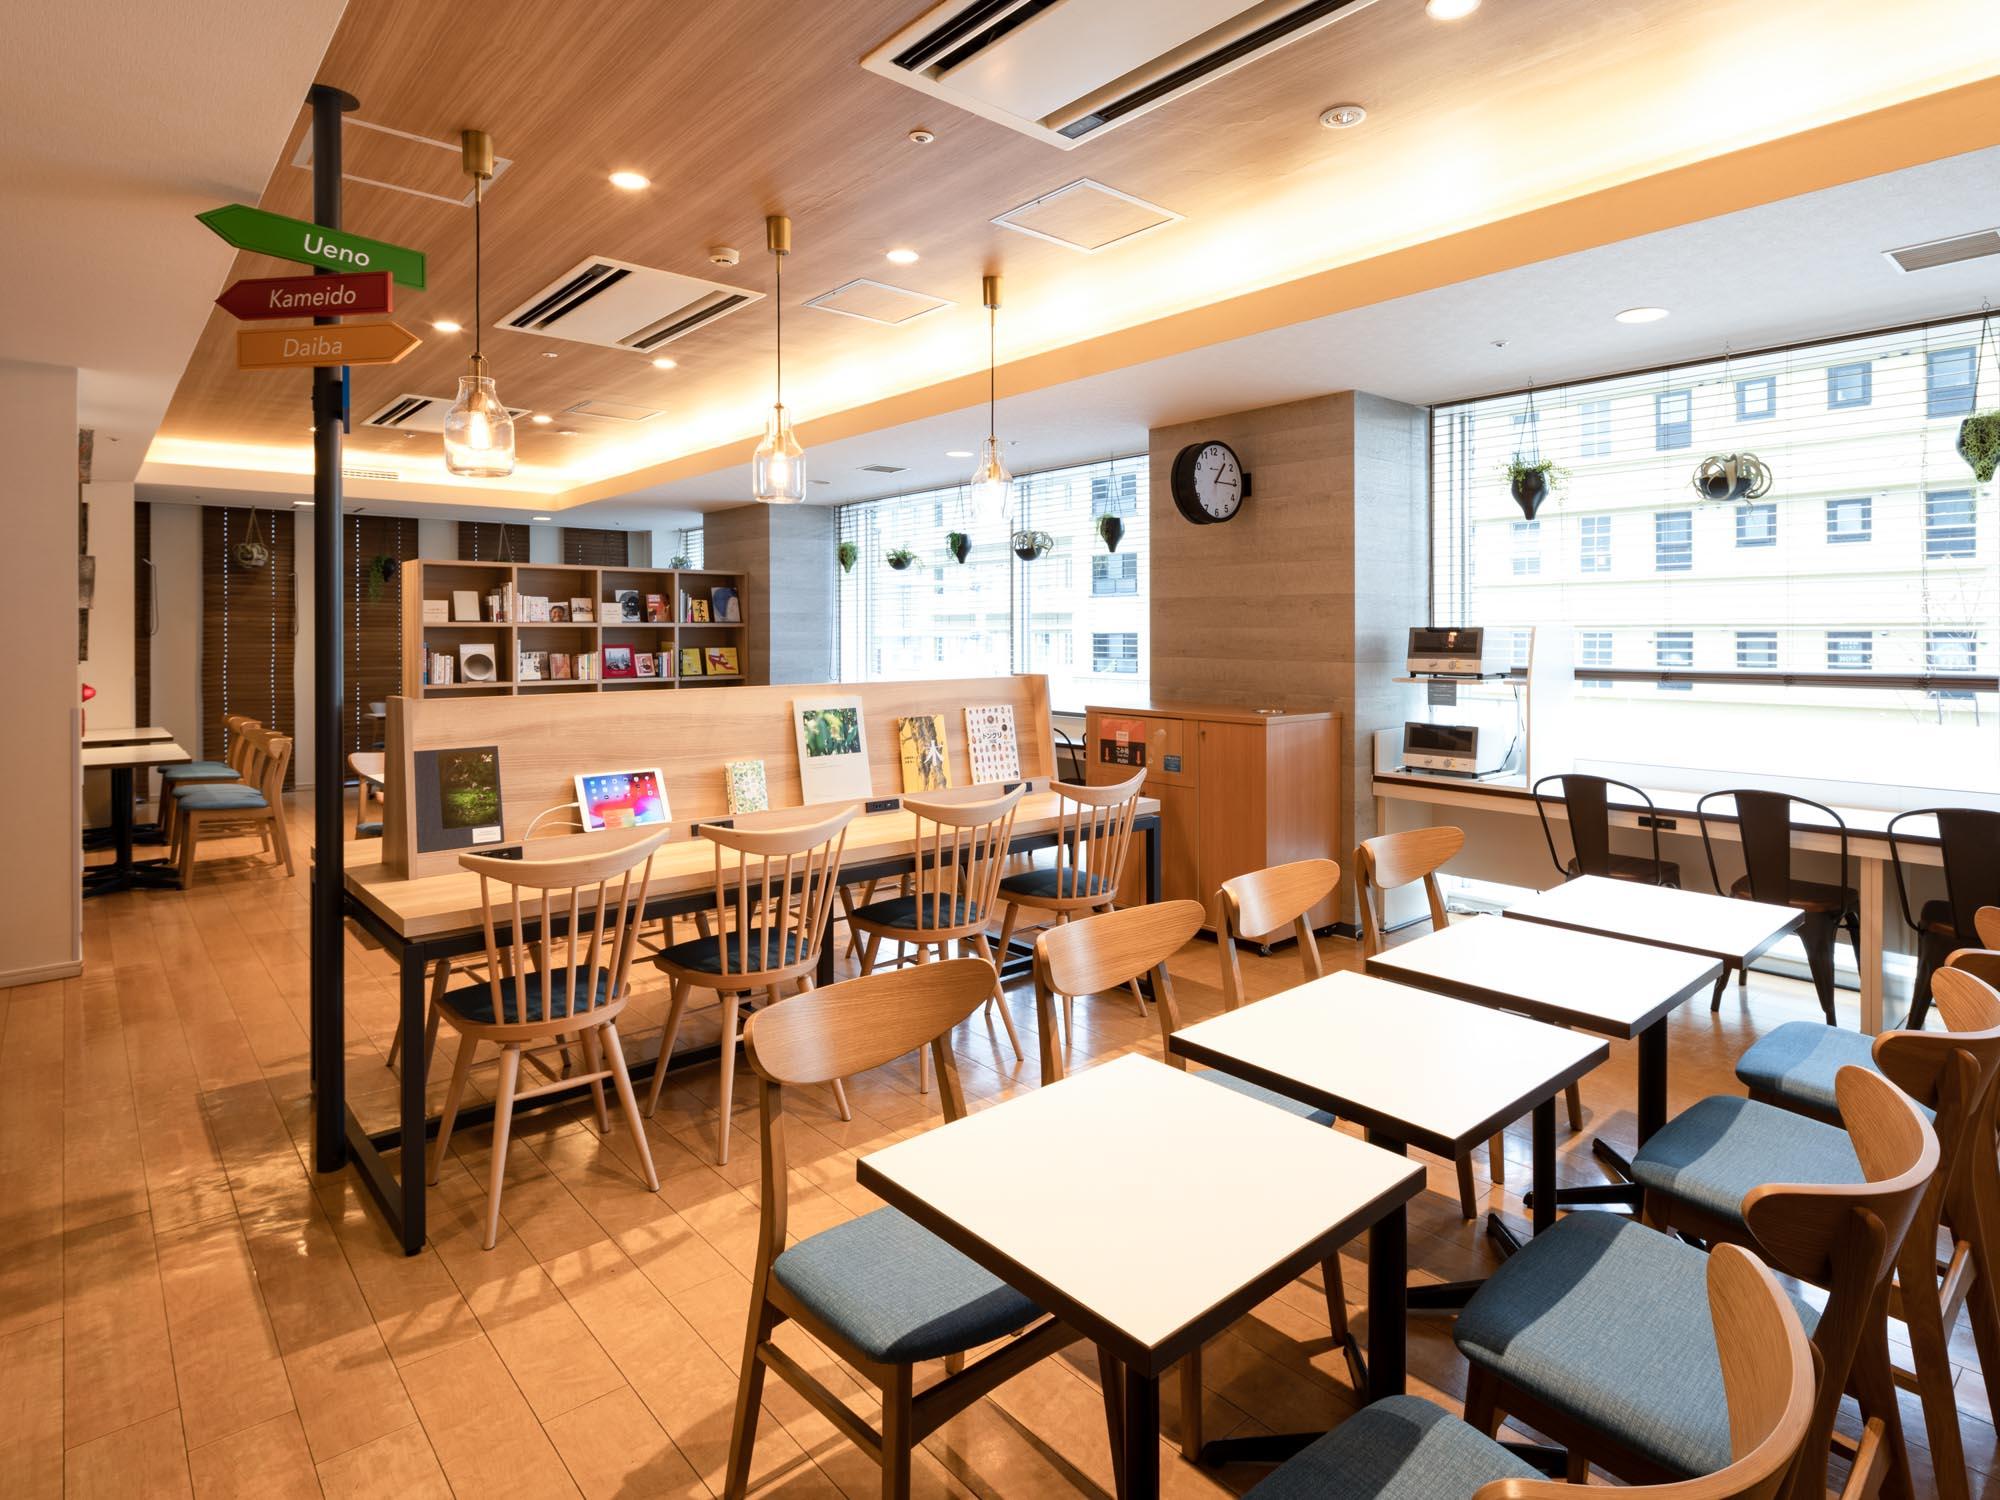 1階にはライブラリ・カフェがあり、WiFi、電源も完備。リモートワークはこちらでできてしまいますね。さらに、朝食も無料でついてきます。